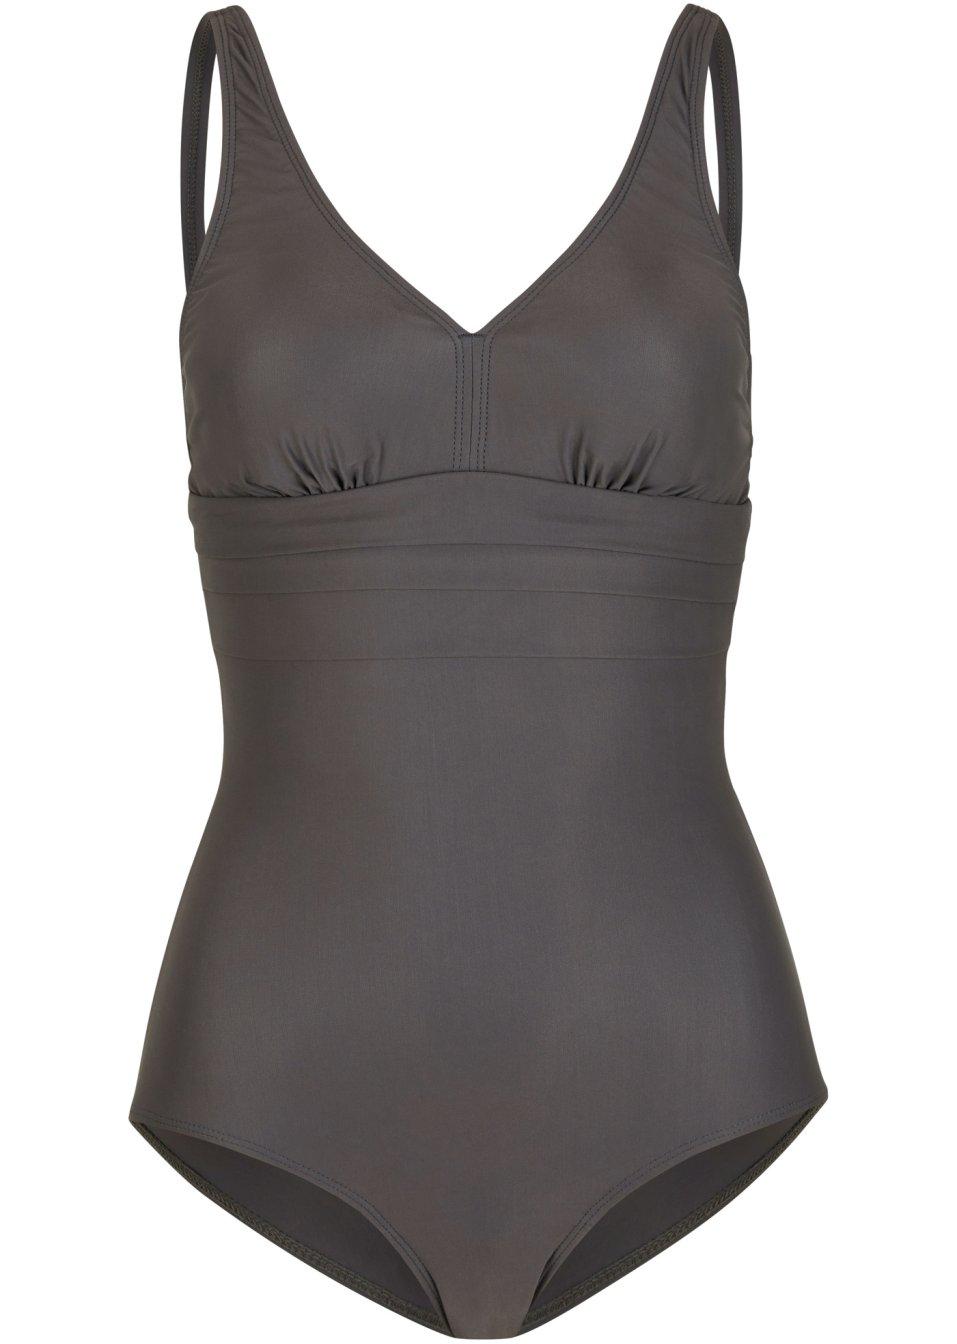 Schöner Badeanzug aus figurformendem Material - dunkelbraun 1SH05 glVOz